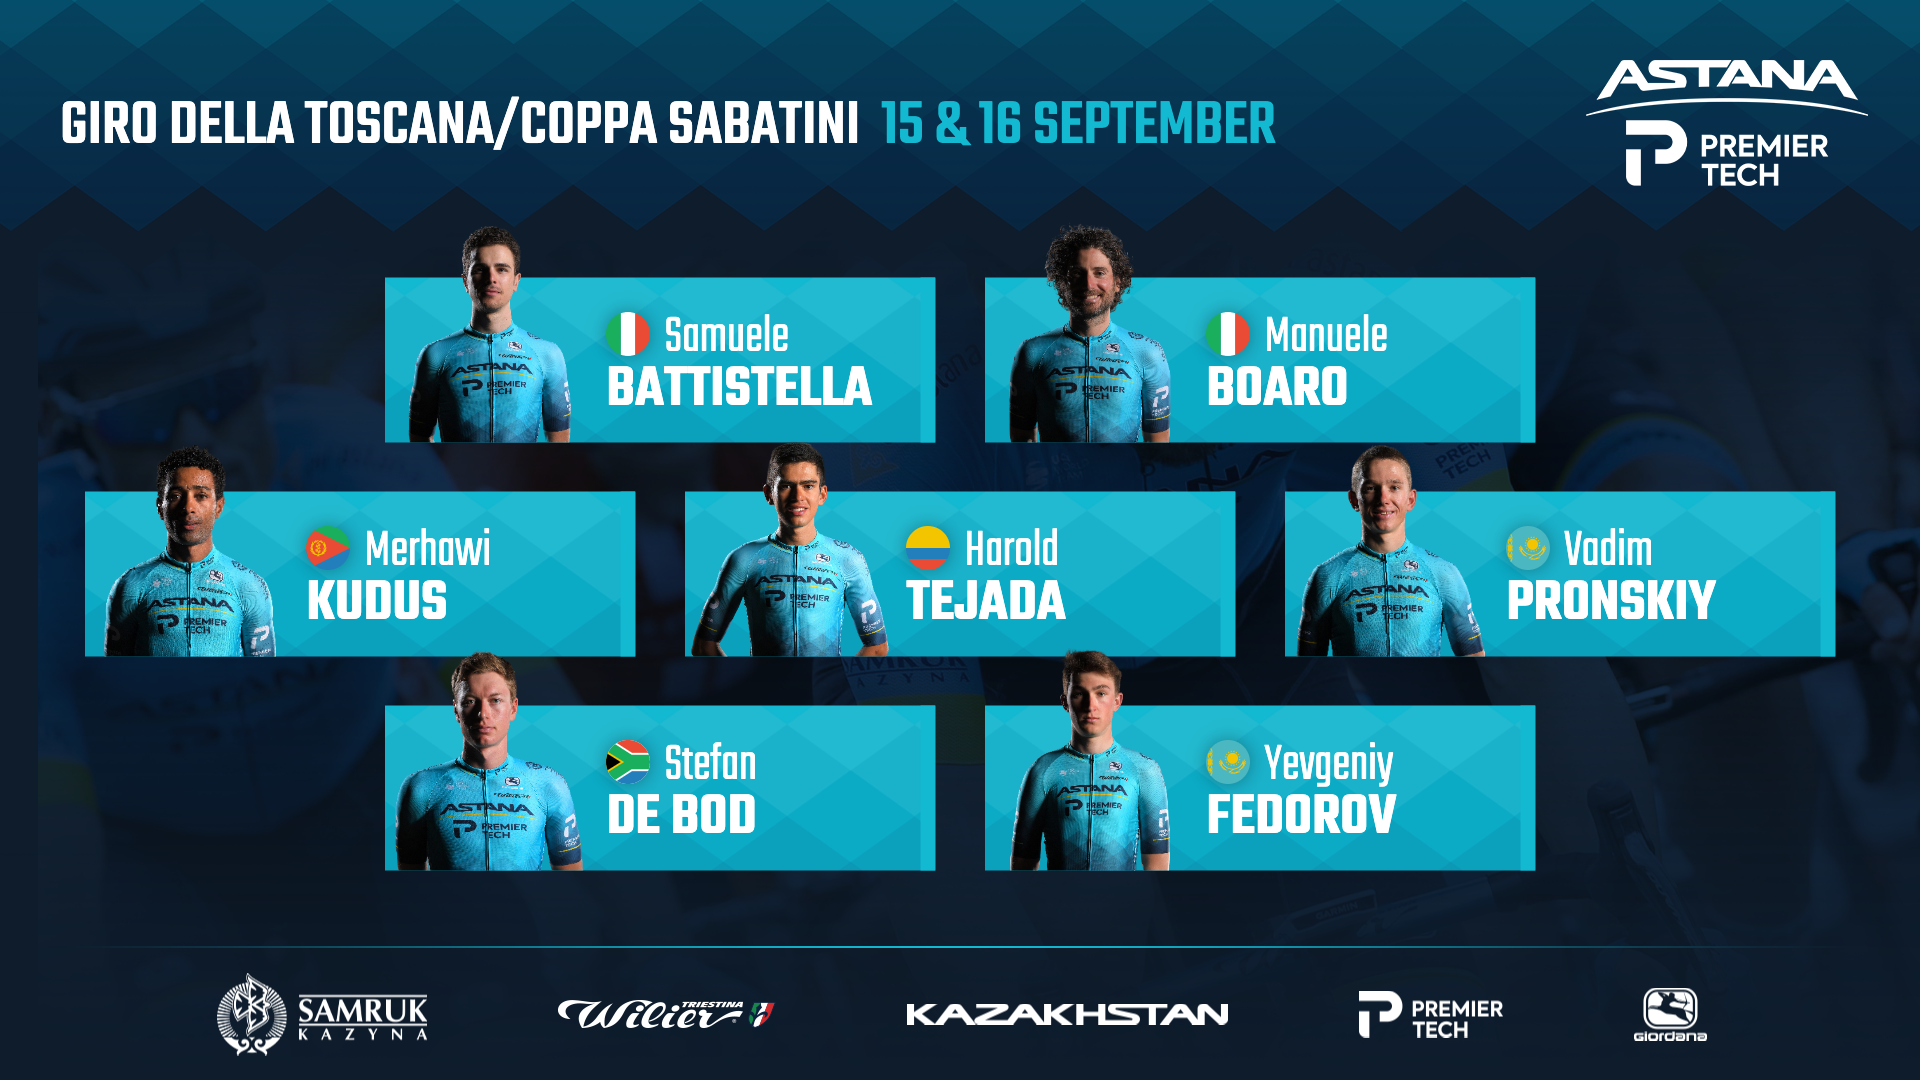 Astana – Premier Tech for Giro Della Toscana and Coppa Sabatini